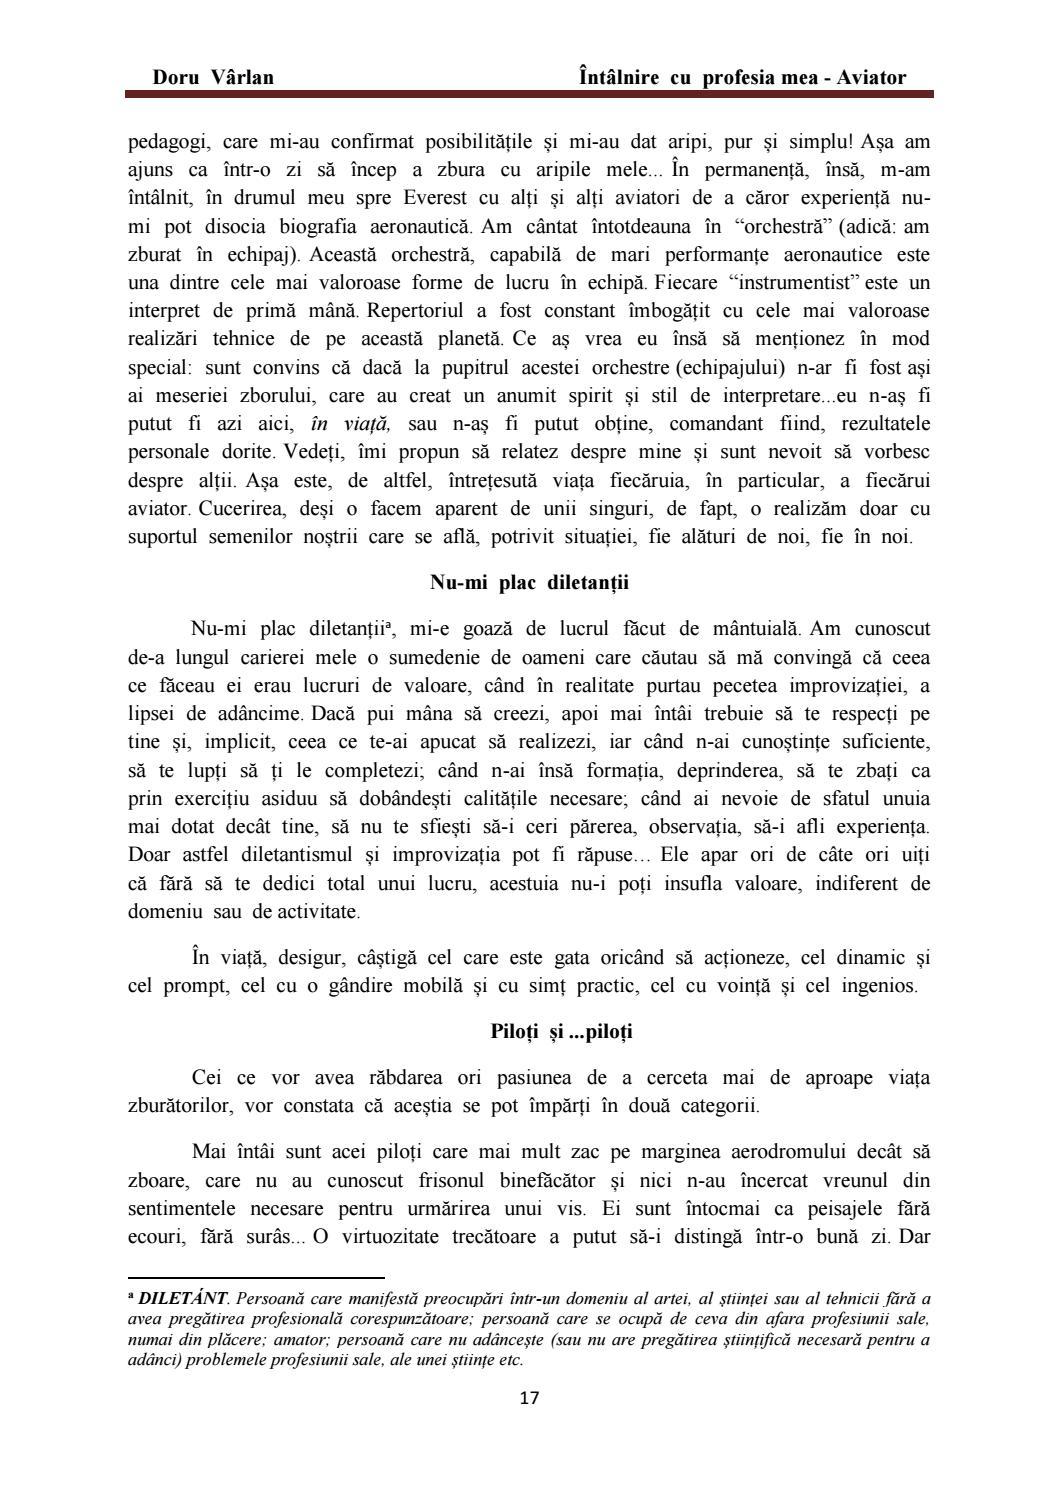 femeie de 70 de ani - Traducere în engleză - exemple în română | Reverso Context